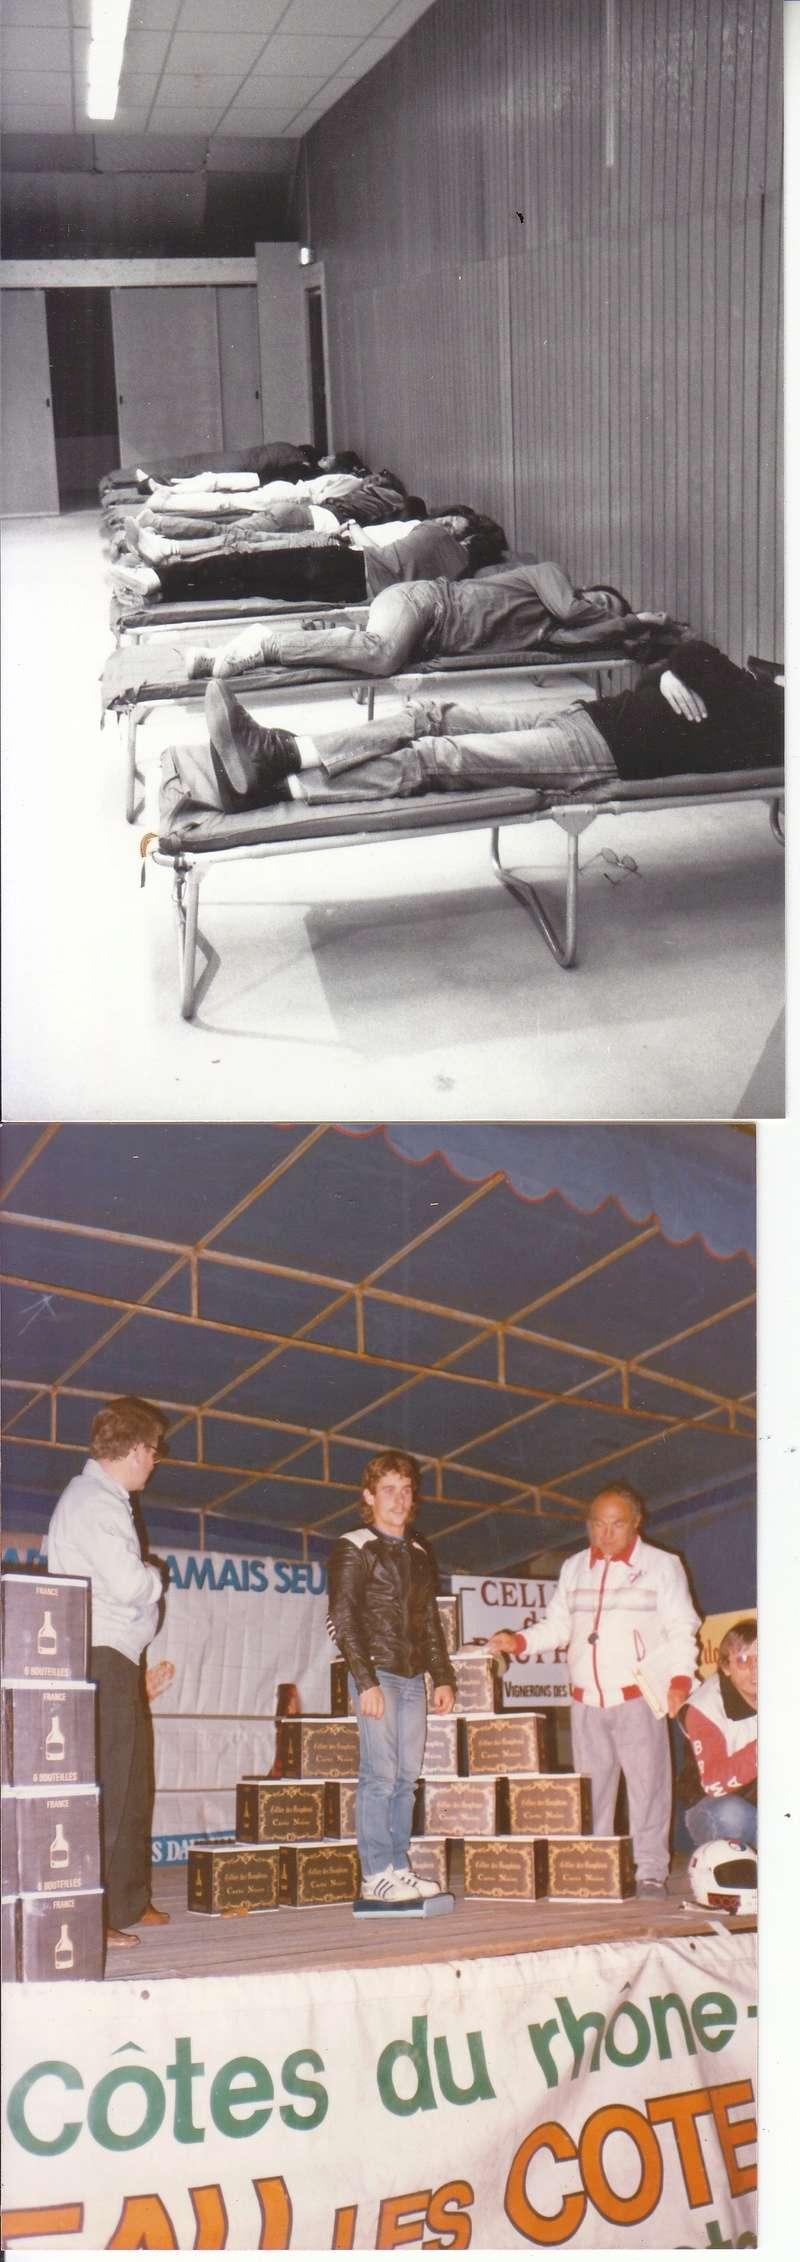 [Oldies] 1980 à 1988: Le Tour de France side-car, par Joël Enndewell  - Page 17 Sans_t66